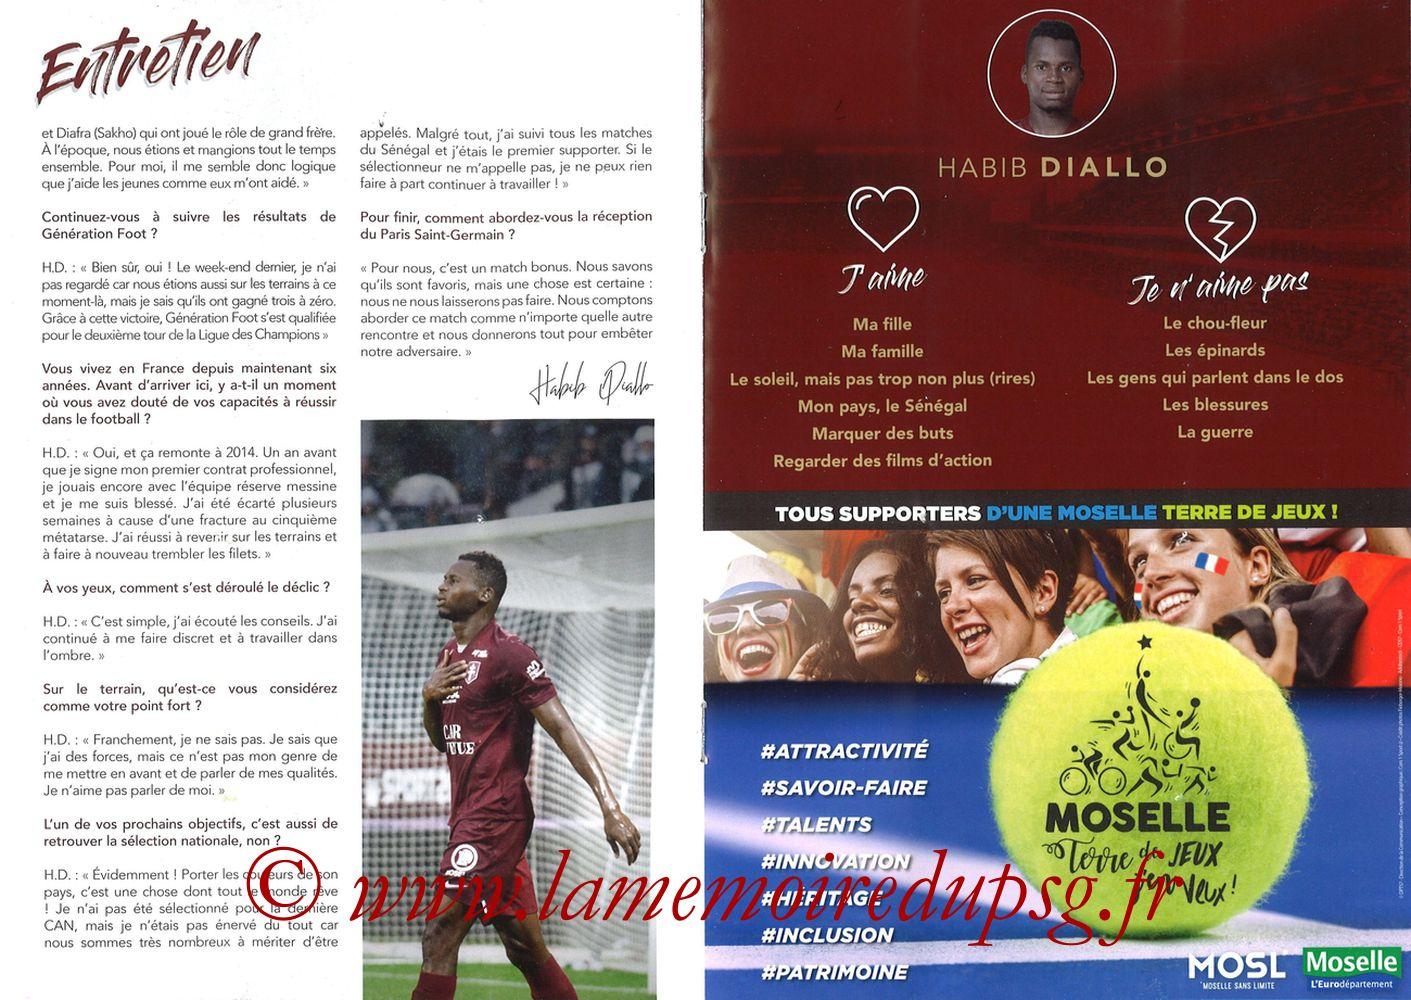 2019-08-30  Metz-PSG (4ème L1, La Gazette de Saint-Symph') - Pages 10 et 11